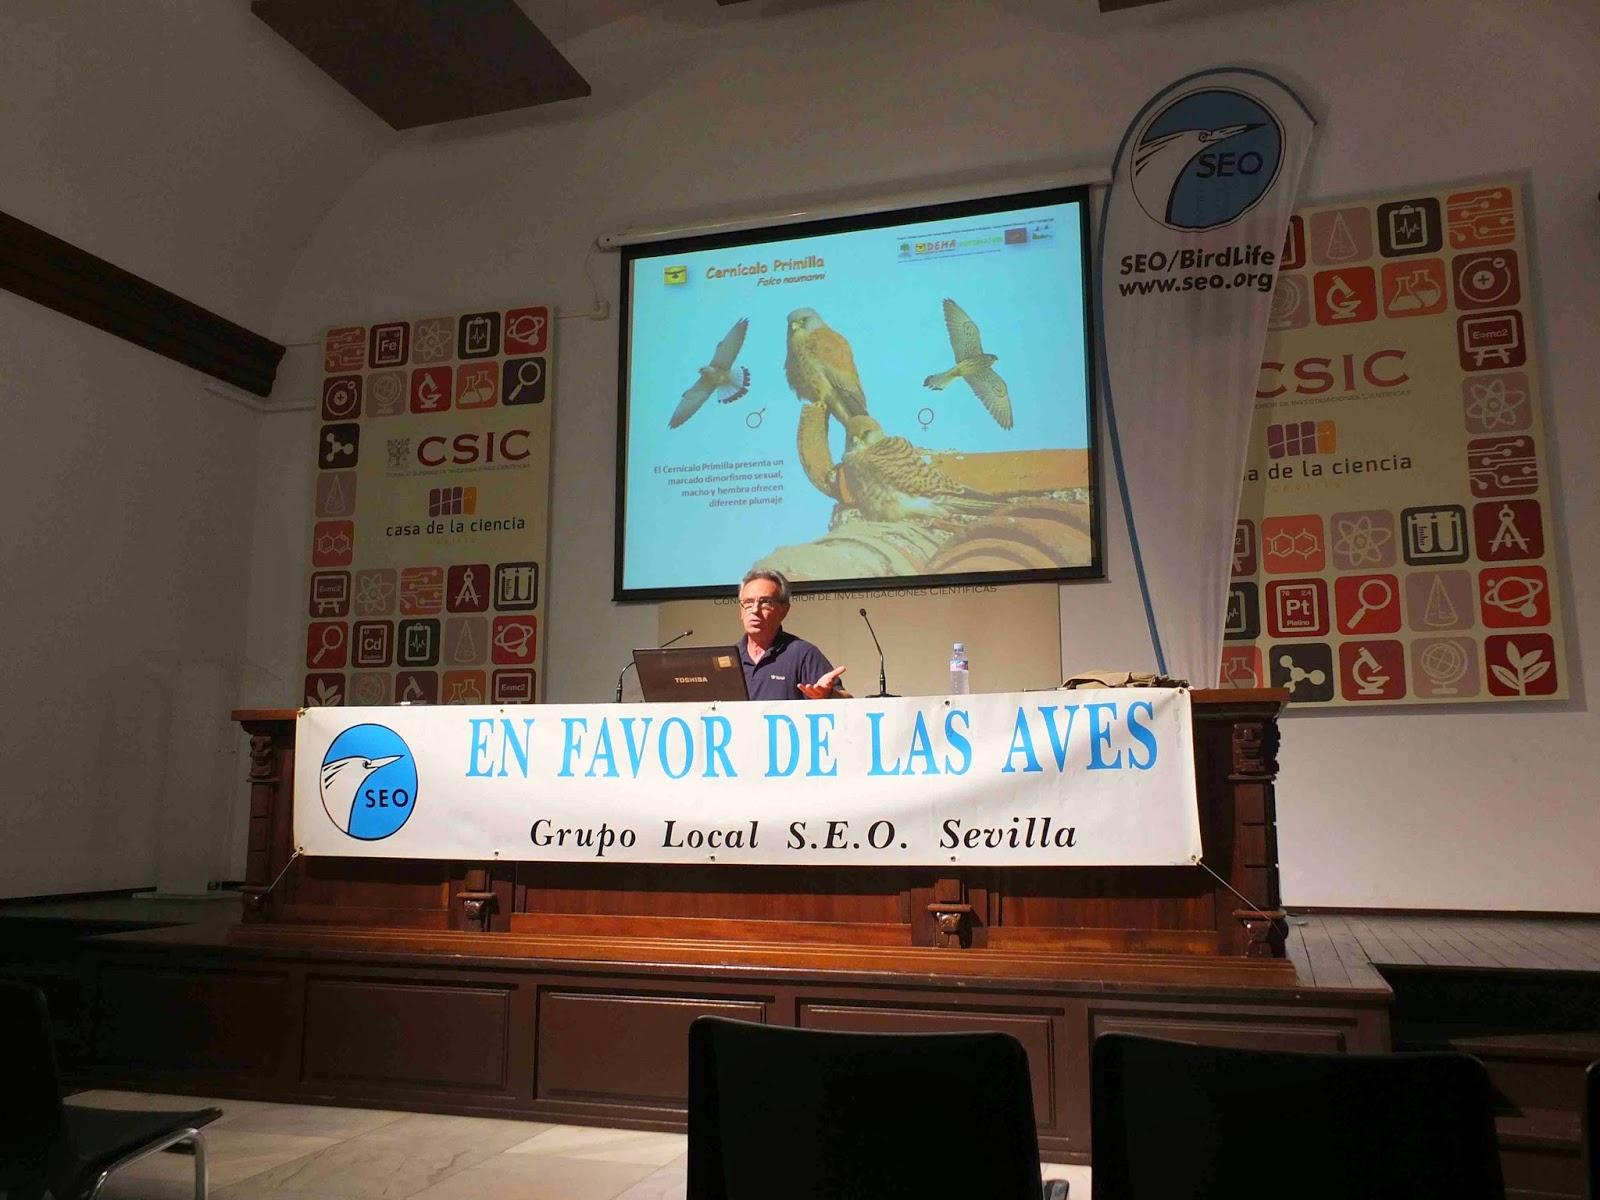 """Conferencia """"Cernícalos, iglesias y catedrales"""". Por José Antolín (Presidente DEMA), en el ciclo Martes Ornitológicos que el Grupo Local SEO-Sevilla organiza en el museo Casa de la Ciencia de Sevilla"""